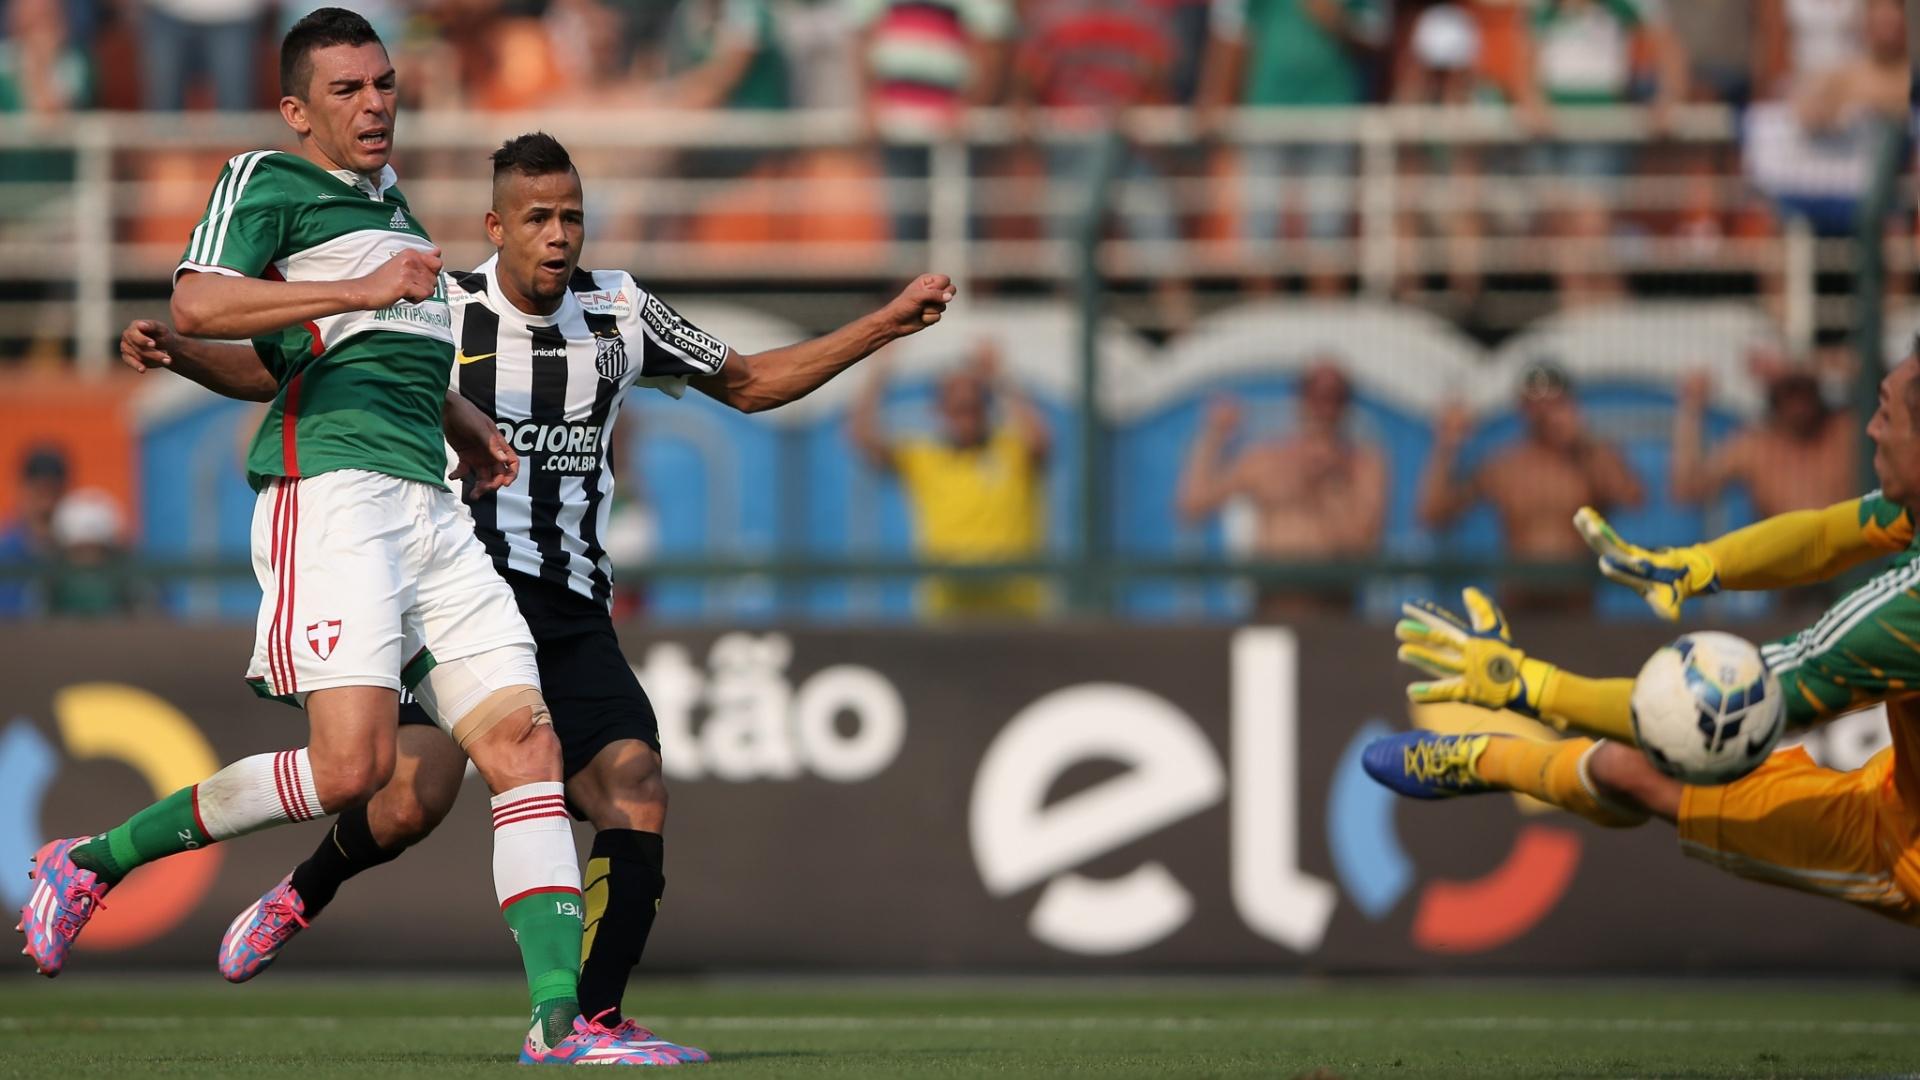 Geuvânio bate firme e faz para o Santos sobre o Palmeiras